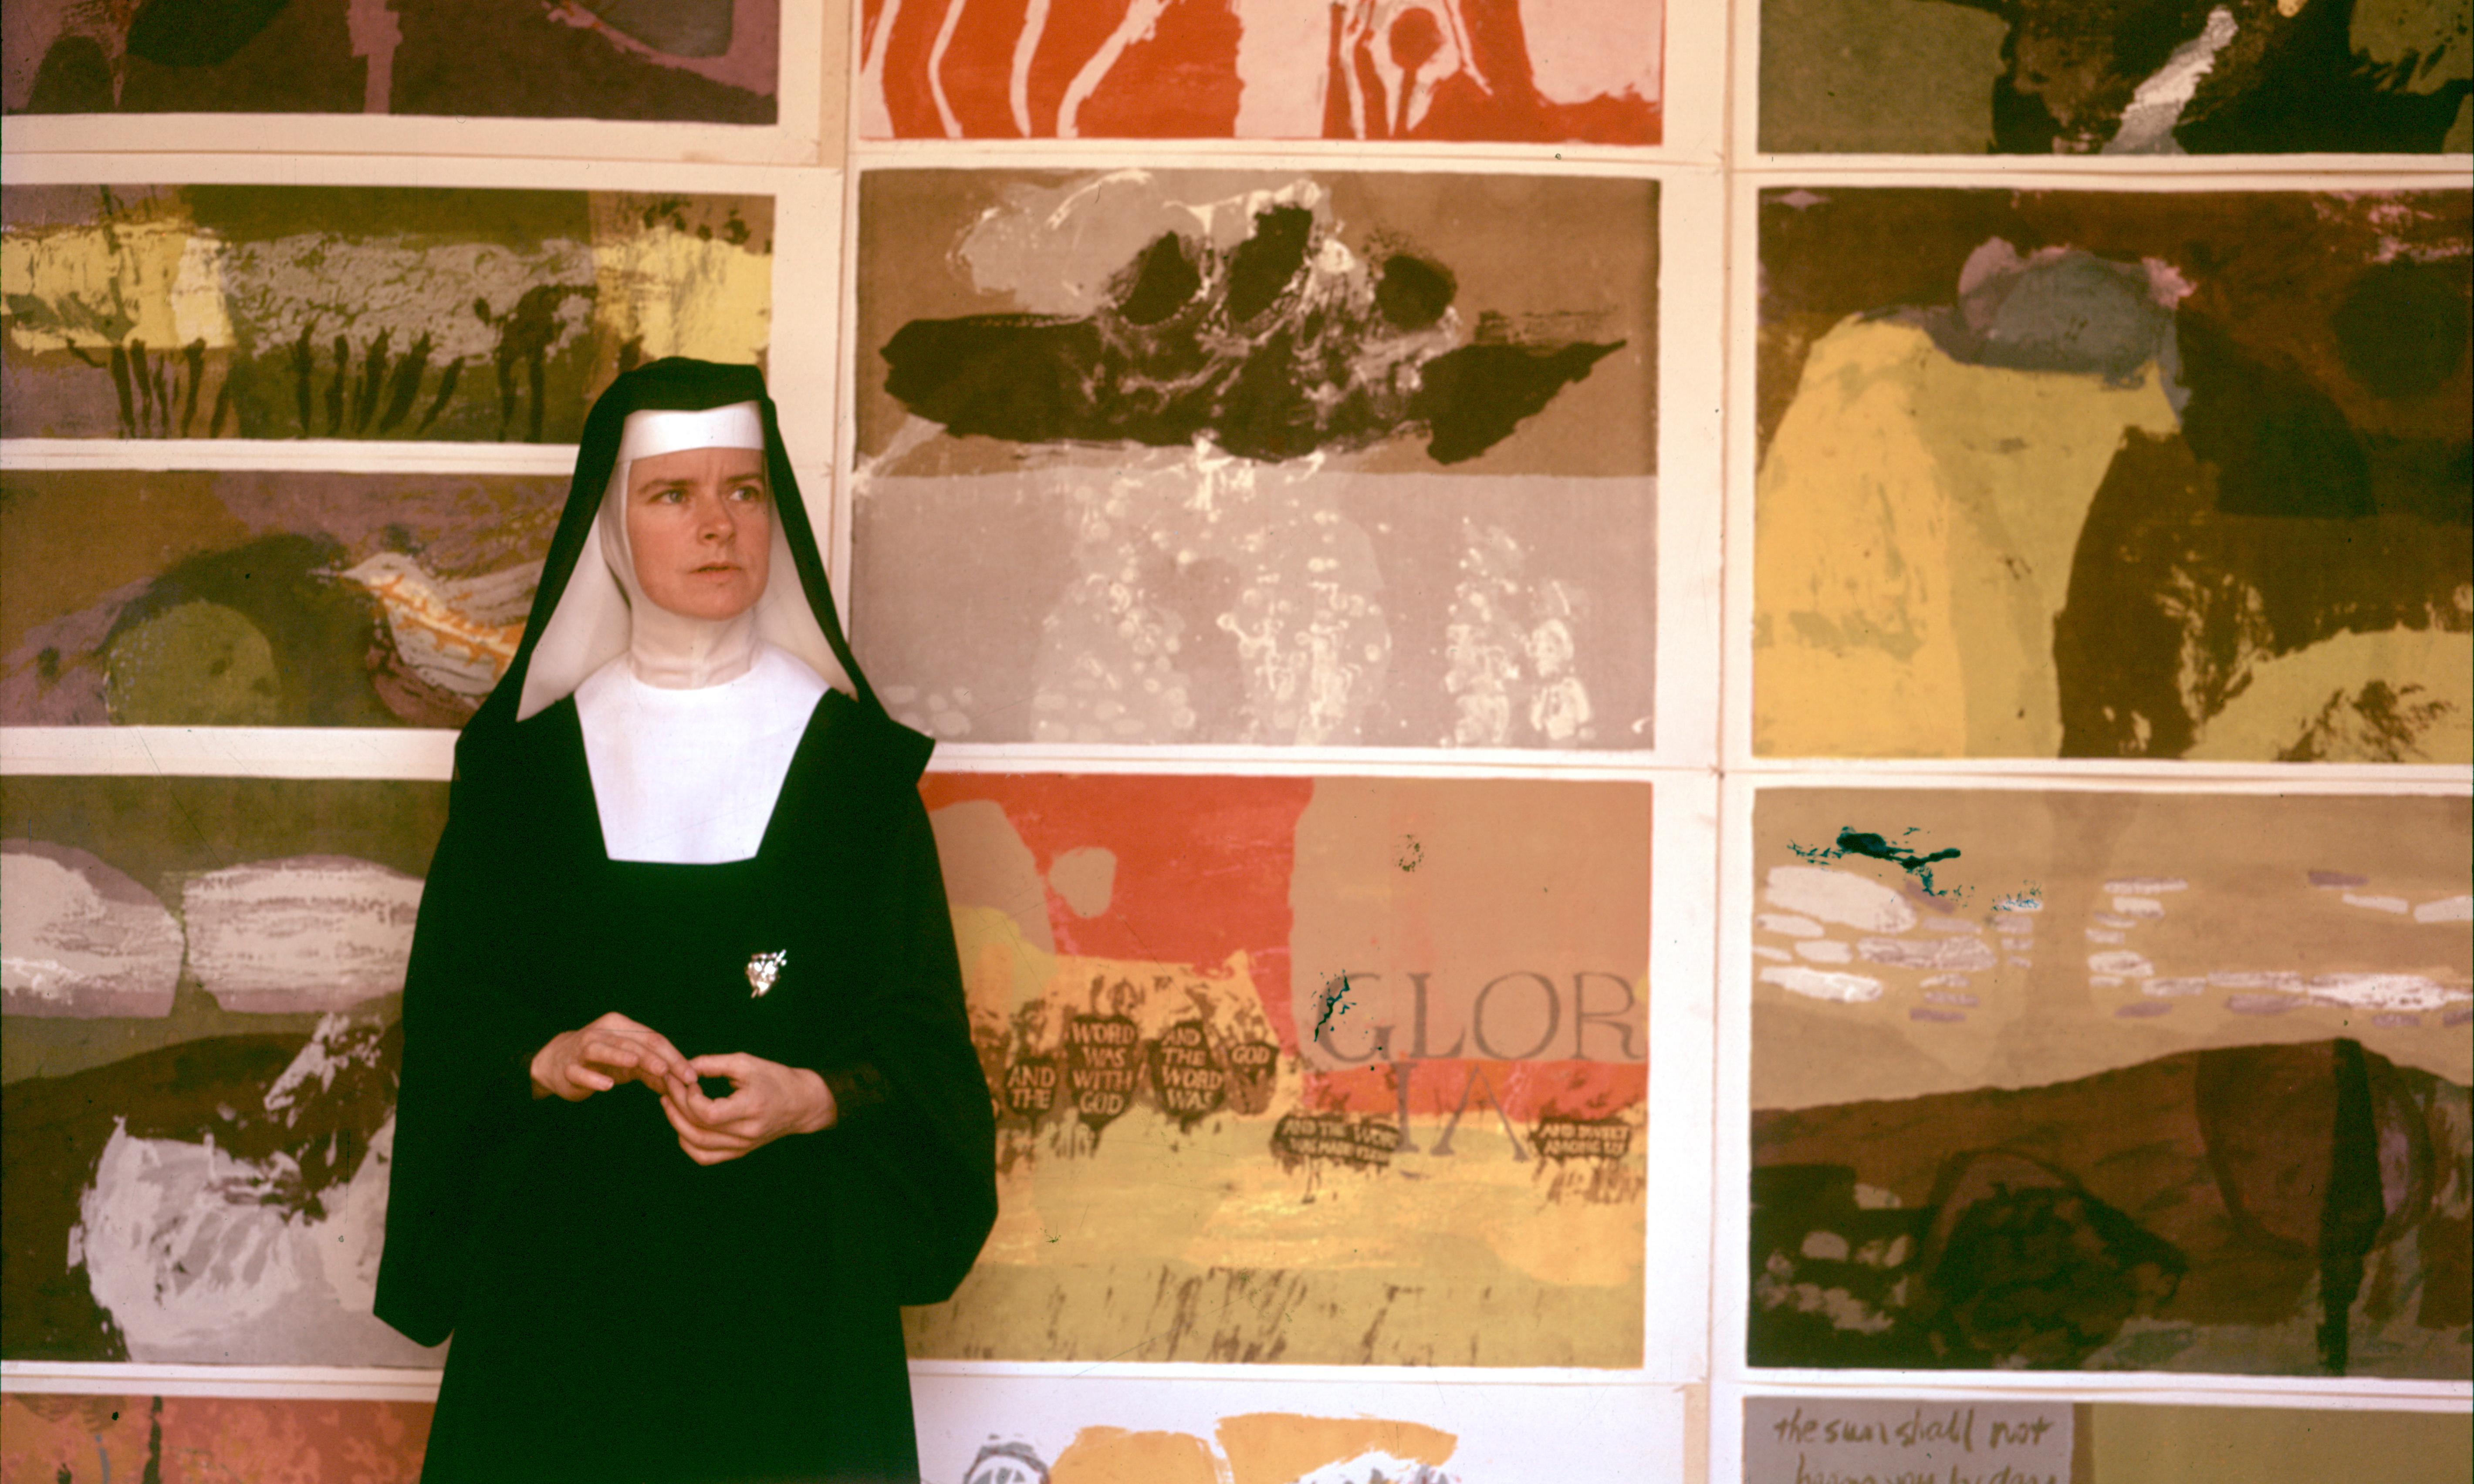 Corita Kent, the pop art nun